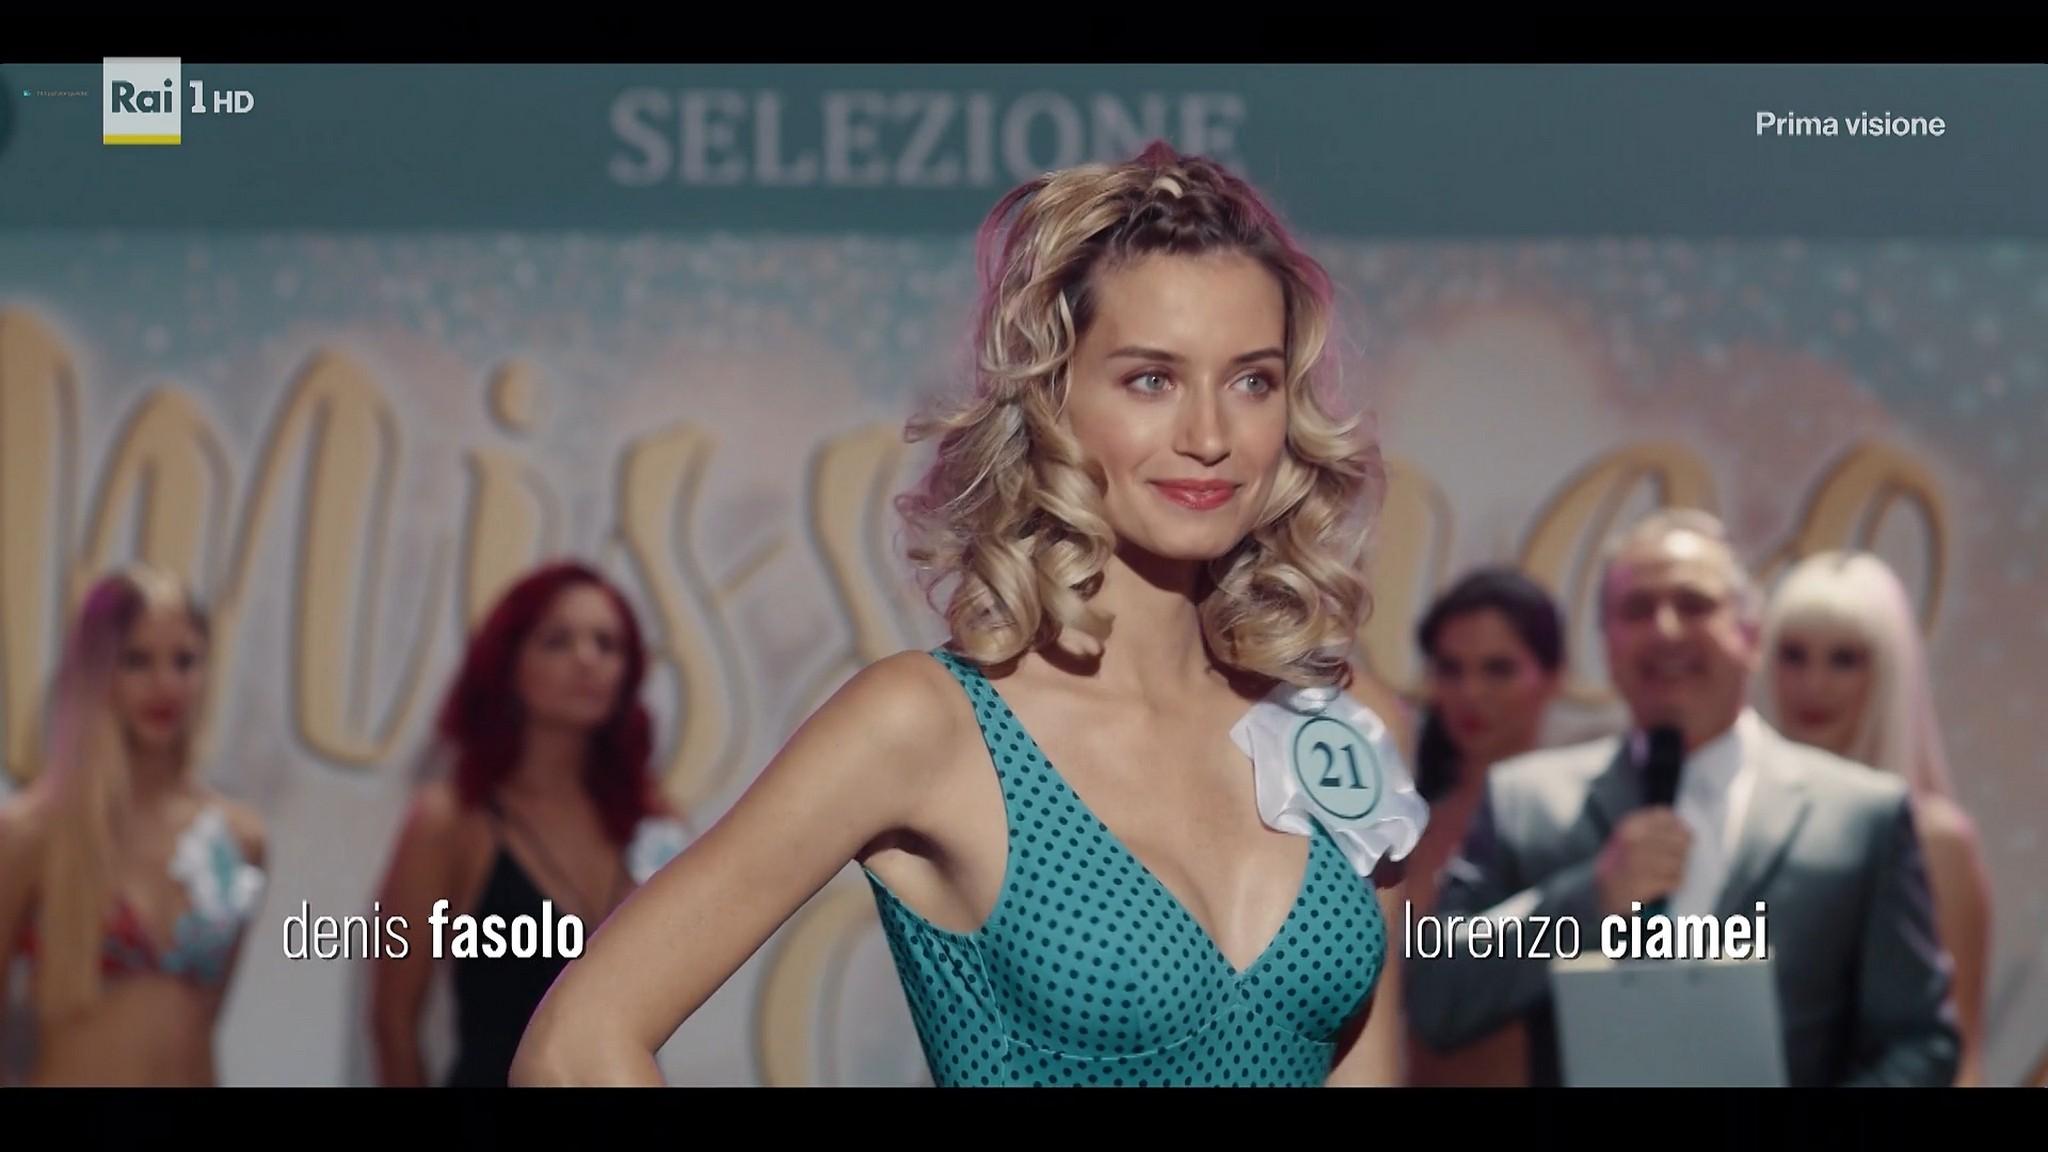 Cristiana Capotondi nude and sex Giulia Arena Elena Radonicich sexy Bella Da Morire IT 2020 s1e 1 4 HDTV 1080p 6